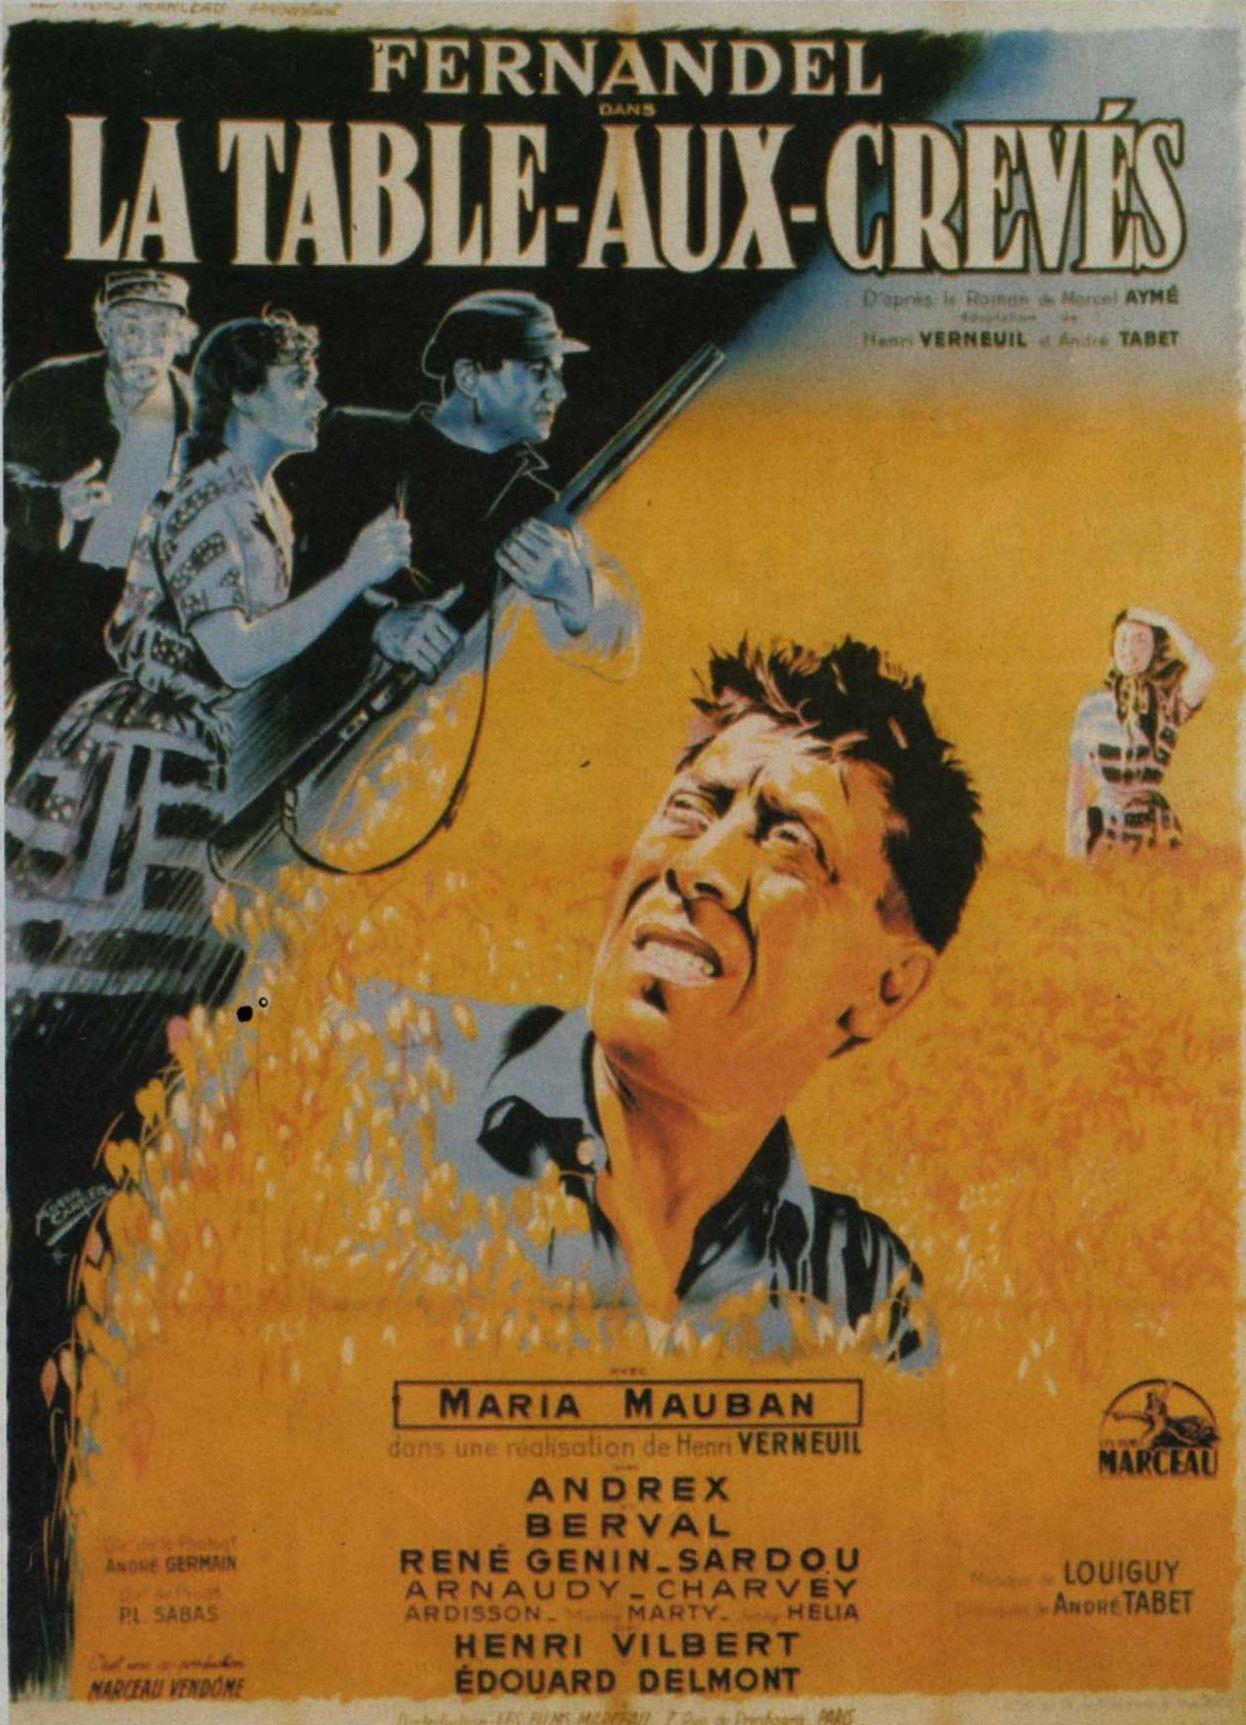 La Table Aux Creves Est Un Film Francais Realise Par Henri Verneuil Sorti En 1951 Frederic Gari Est Arrete Pour Contreban Frero Delavega Cinema Michel Sardou